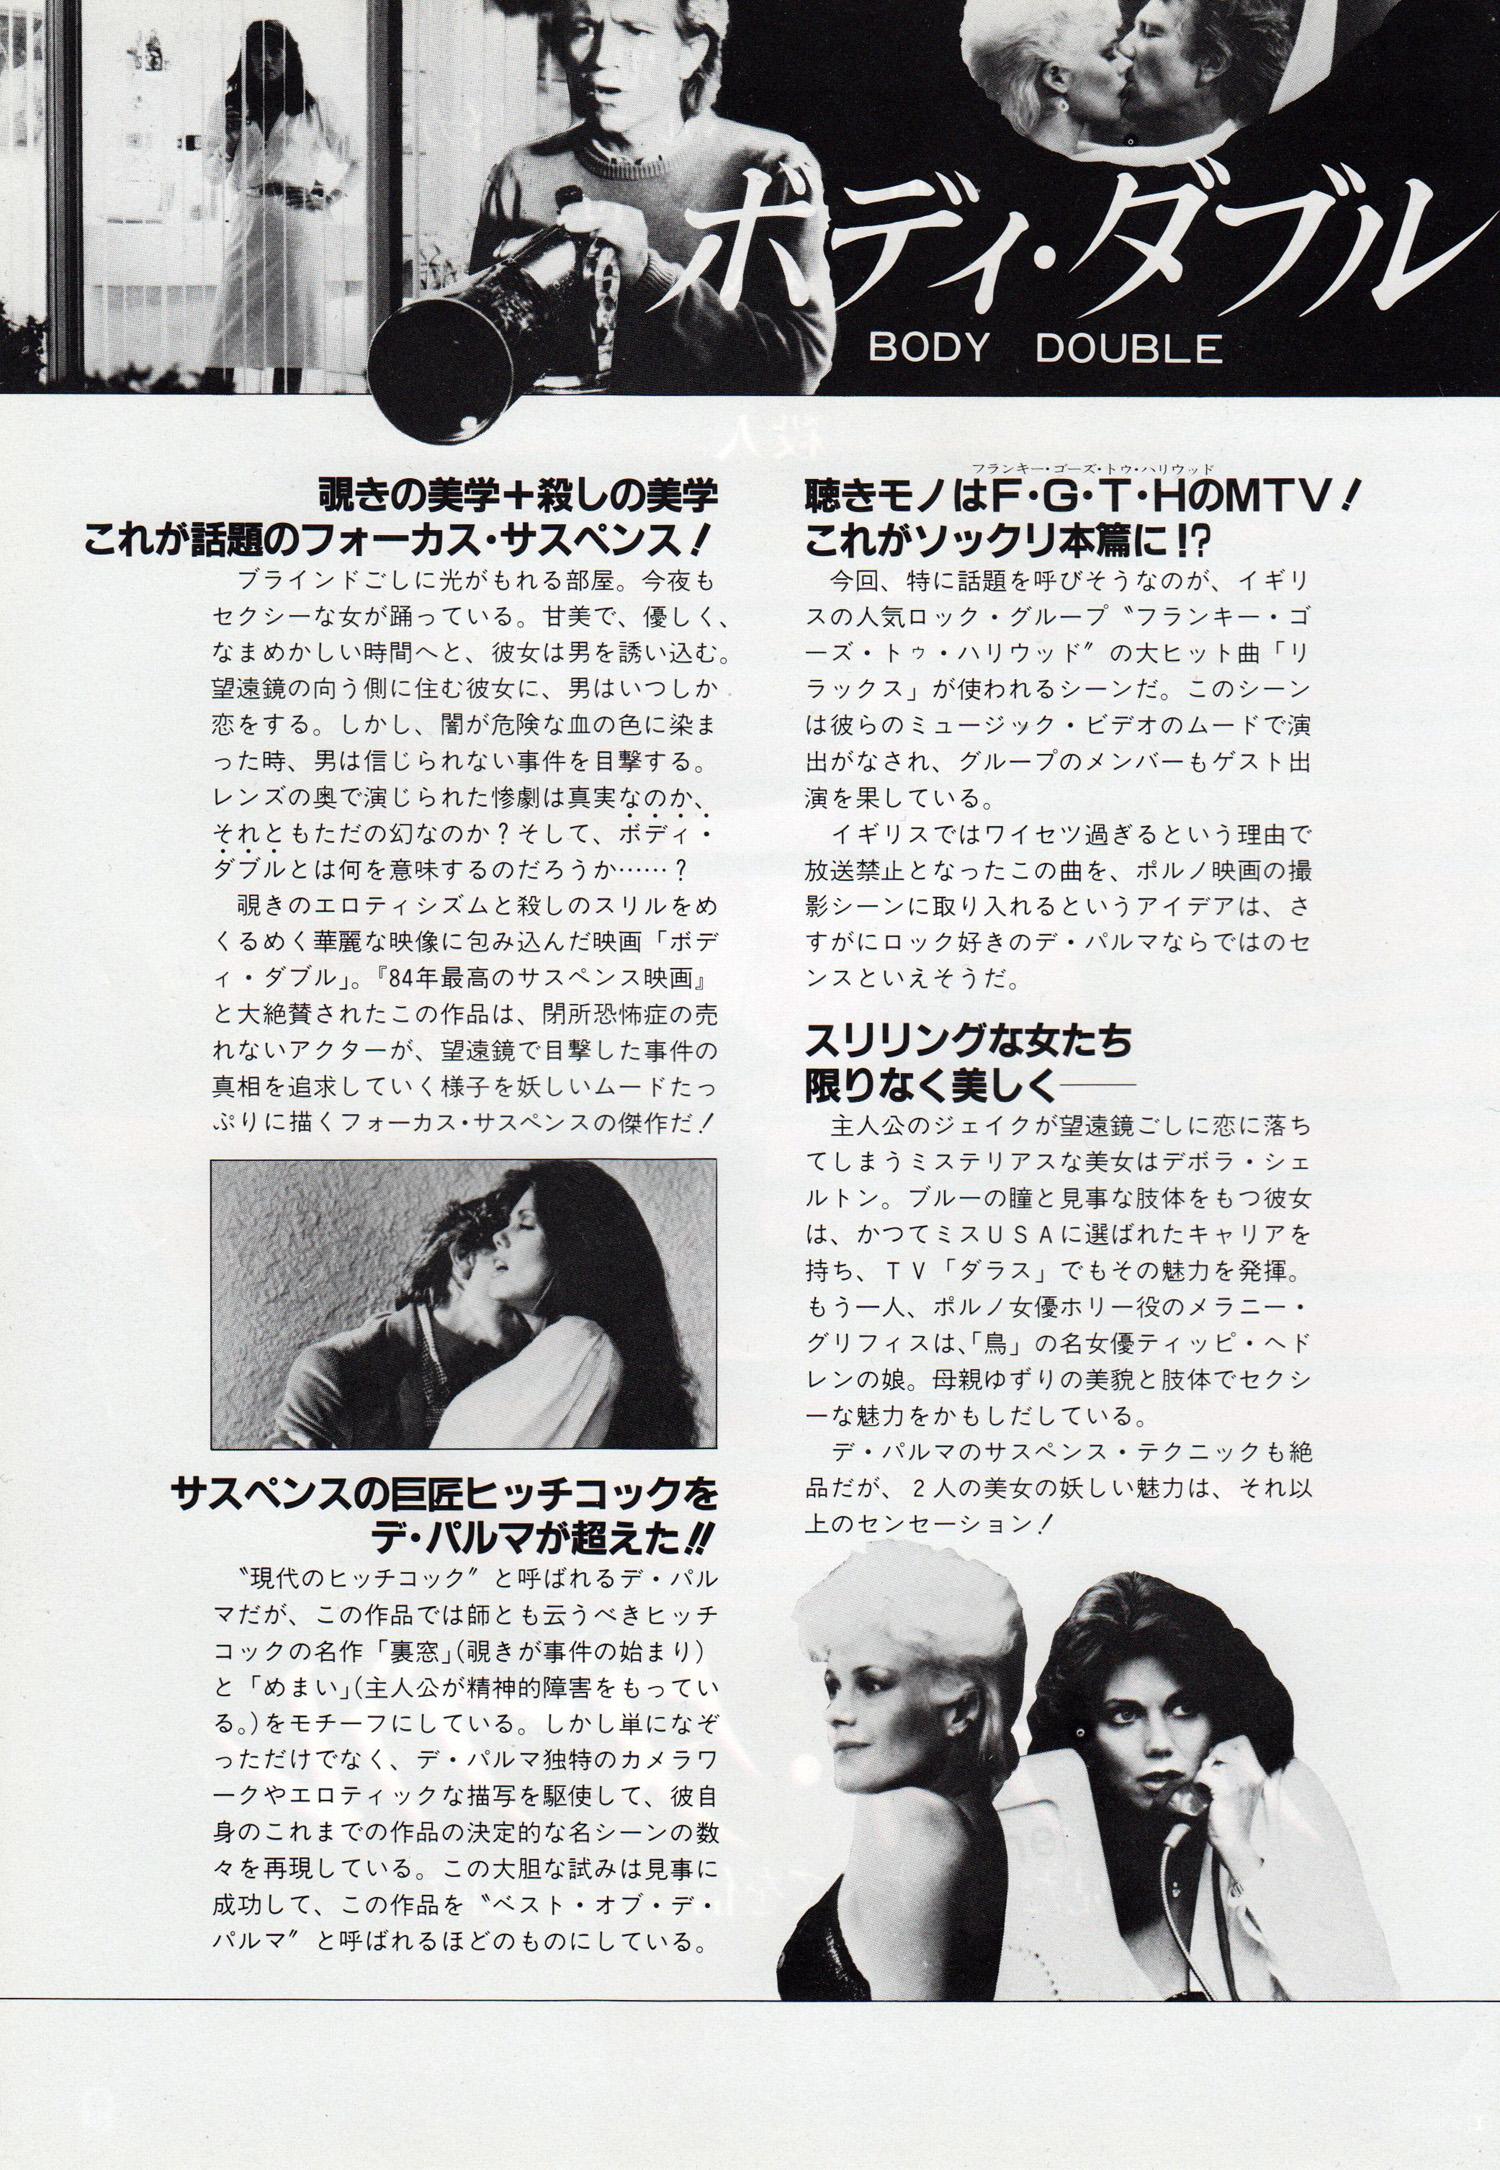 bodydouble-japan-2